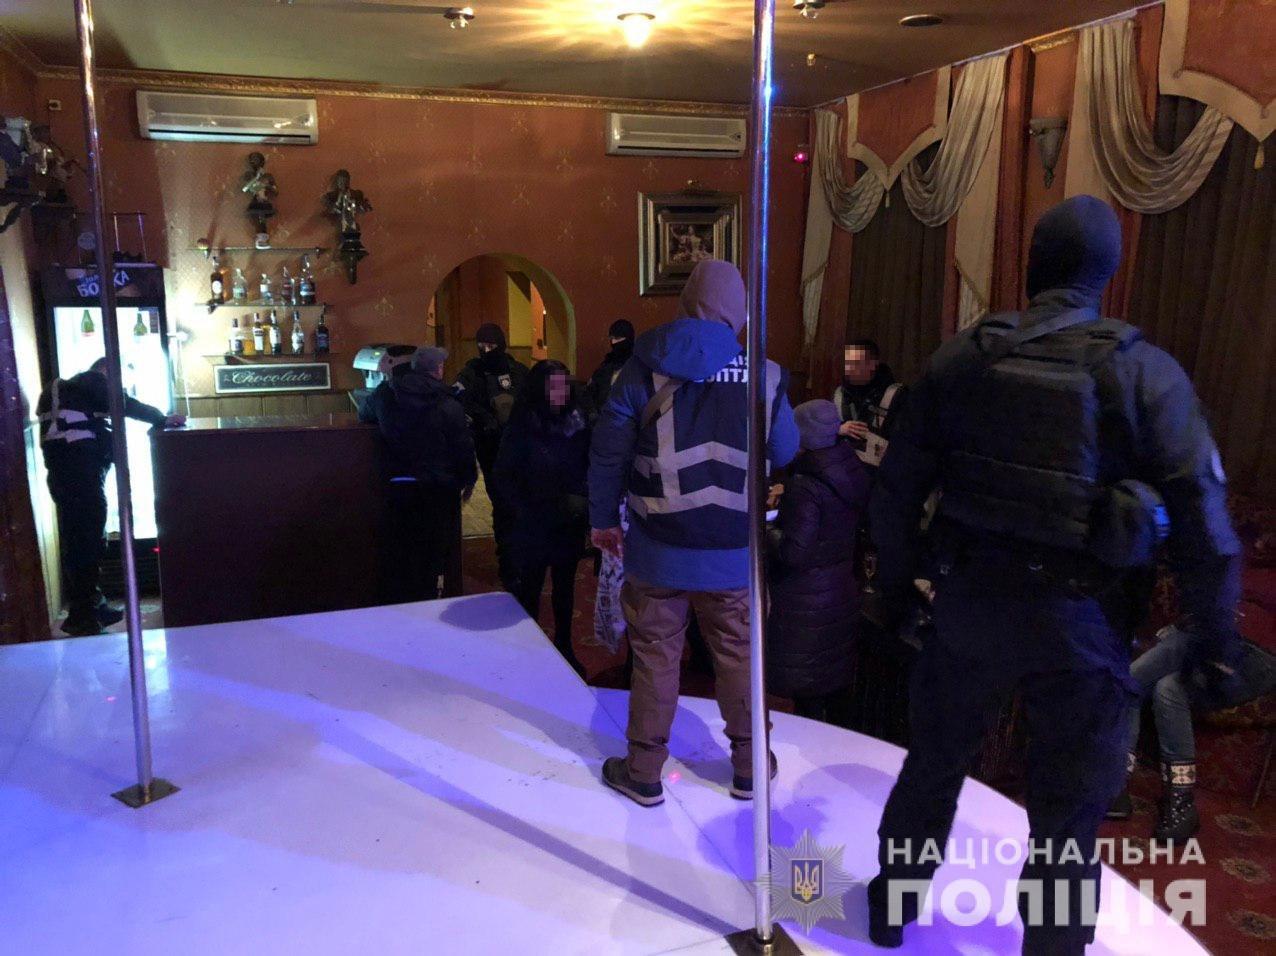 В Днепропетровской области работало два борделя, ежемесячная прибыль которых составляла сумму более миллиона гривен, - ФОТО, фото-1